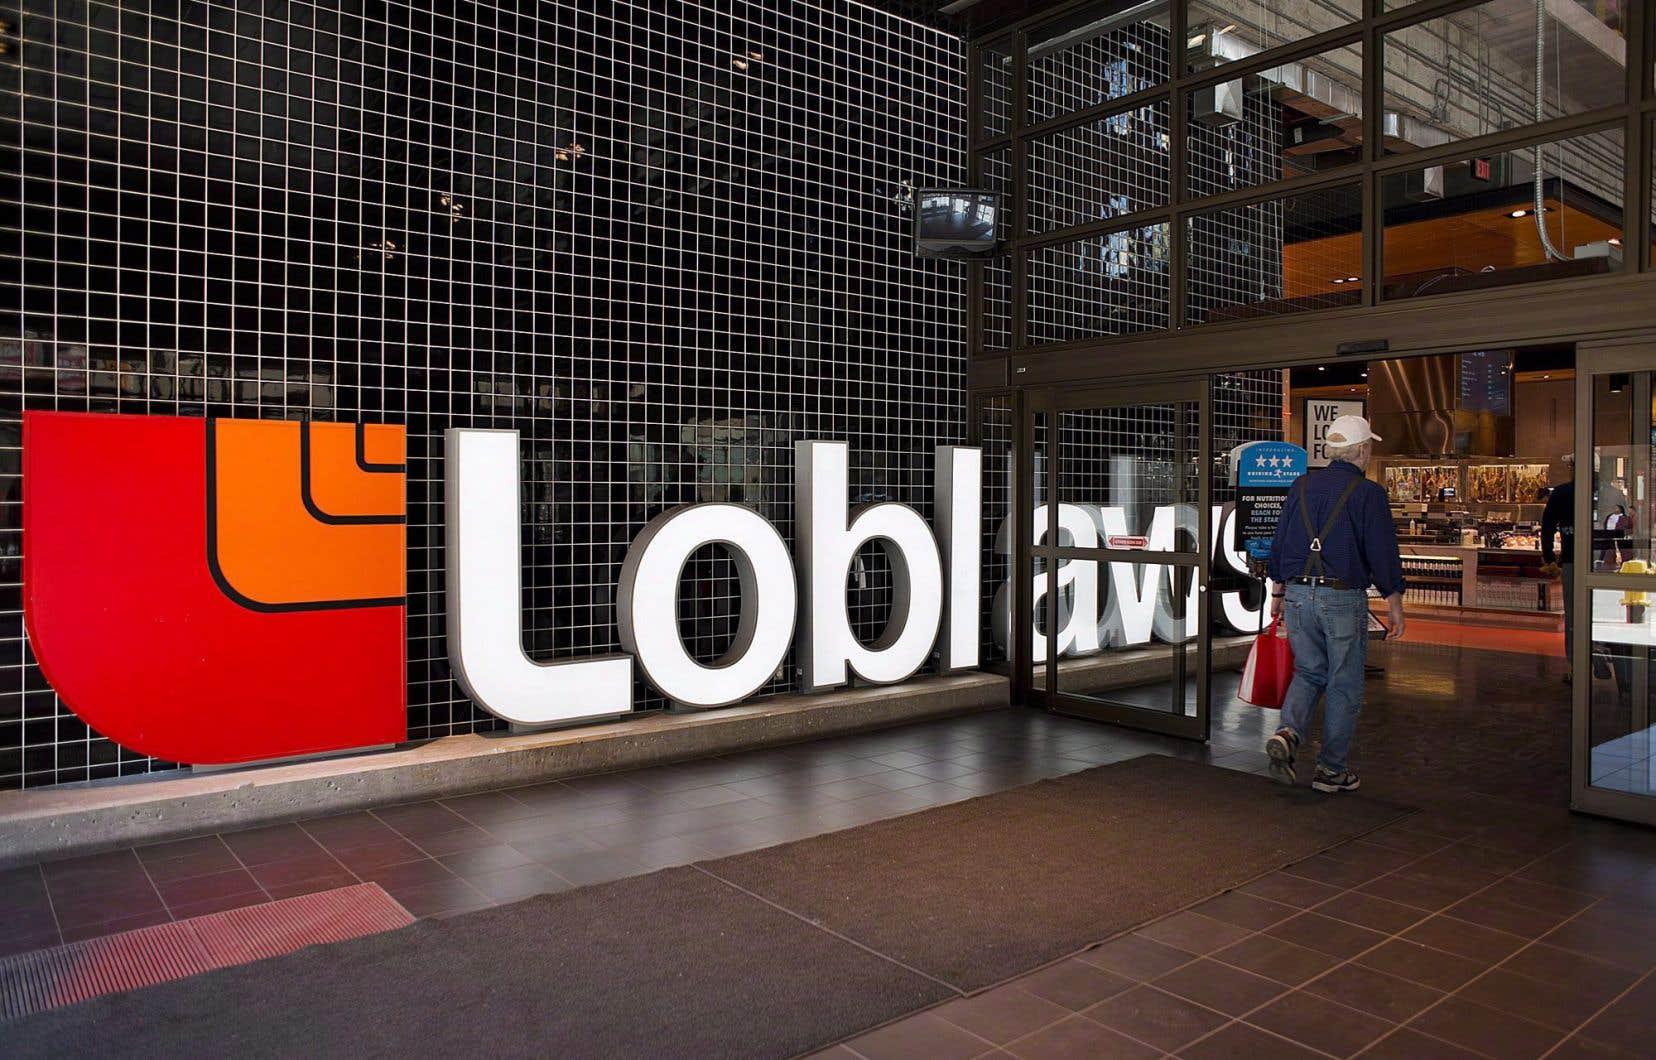 George Weston et Loblaw ont soutenu que les employés responsables avaient été congédiés et ne travaillaient plus pour les deux groupes.